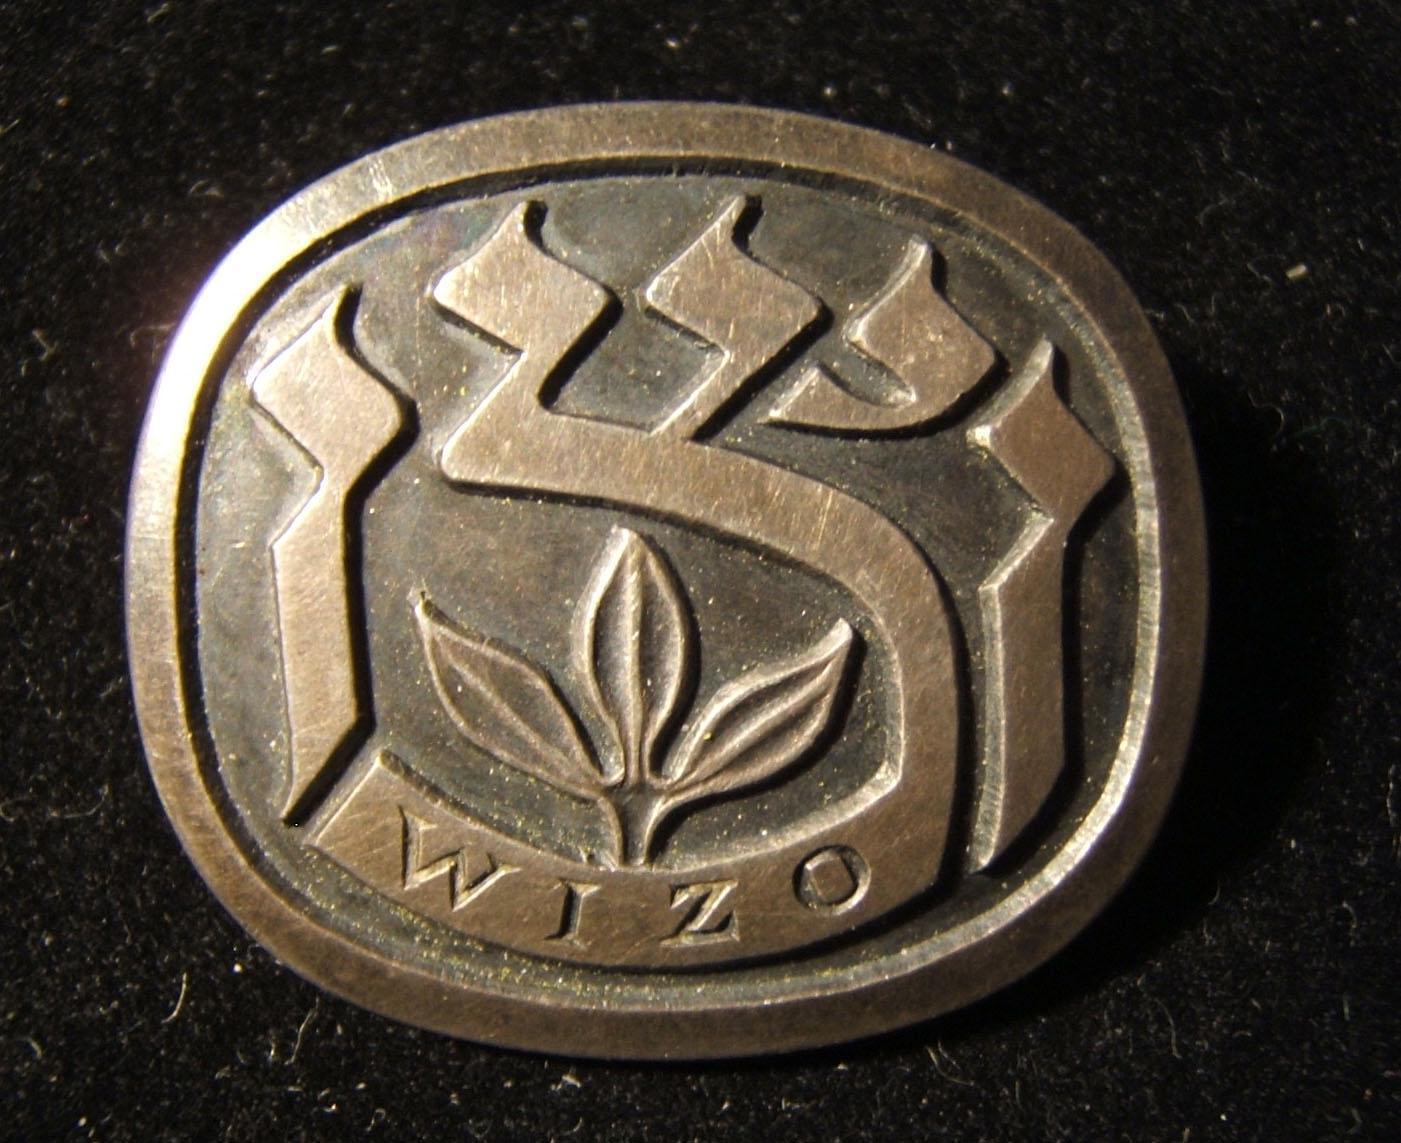 Palästina/Israel: WIZO (Internationale Zionistische Organisation von Frauen) Stift in .900 Silber (auf Rückseite markiert), ca. 1940-50er; Gewicht: 9,85 g. Wahrscheinlich für ein M